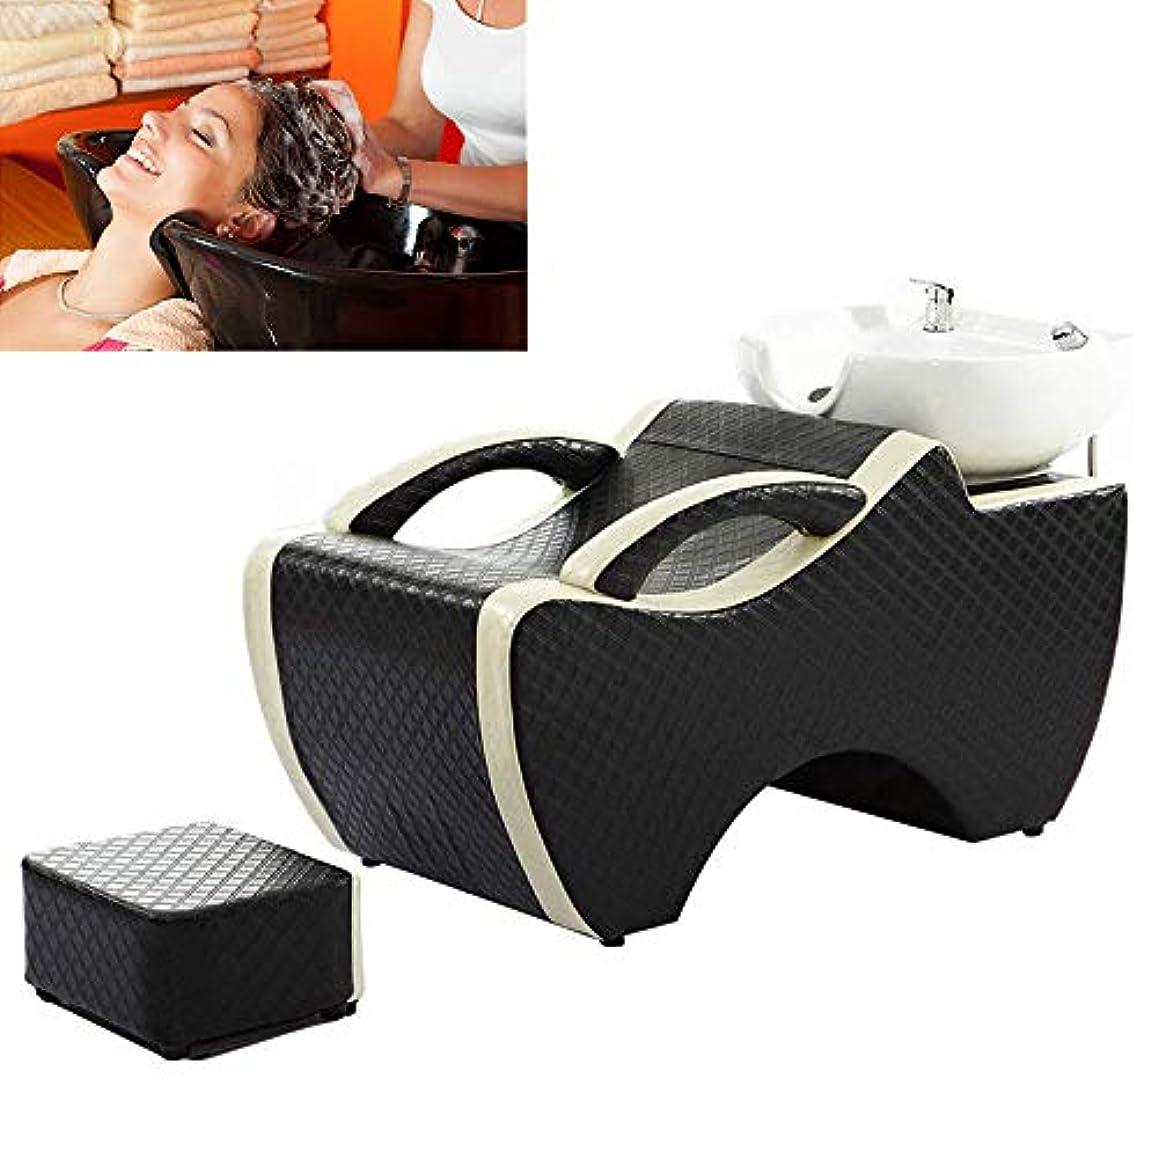 ロック解除系統的知っているに立ち寄るサロン用シャンプー椅子とボウル、スパ美容院のベッドの陶磁器の洗面器のための逆洗の単位のシャンプーボールの理髪の流しの椅子